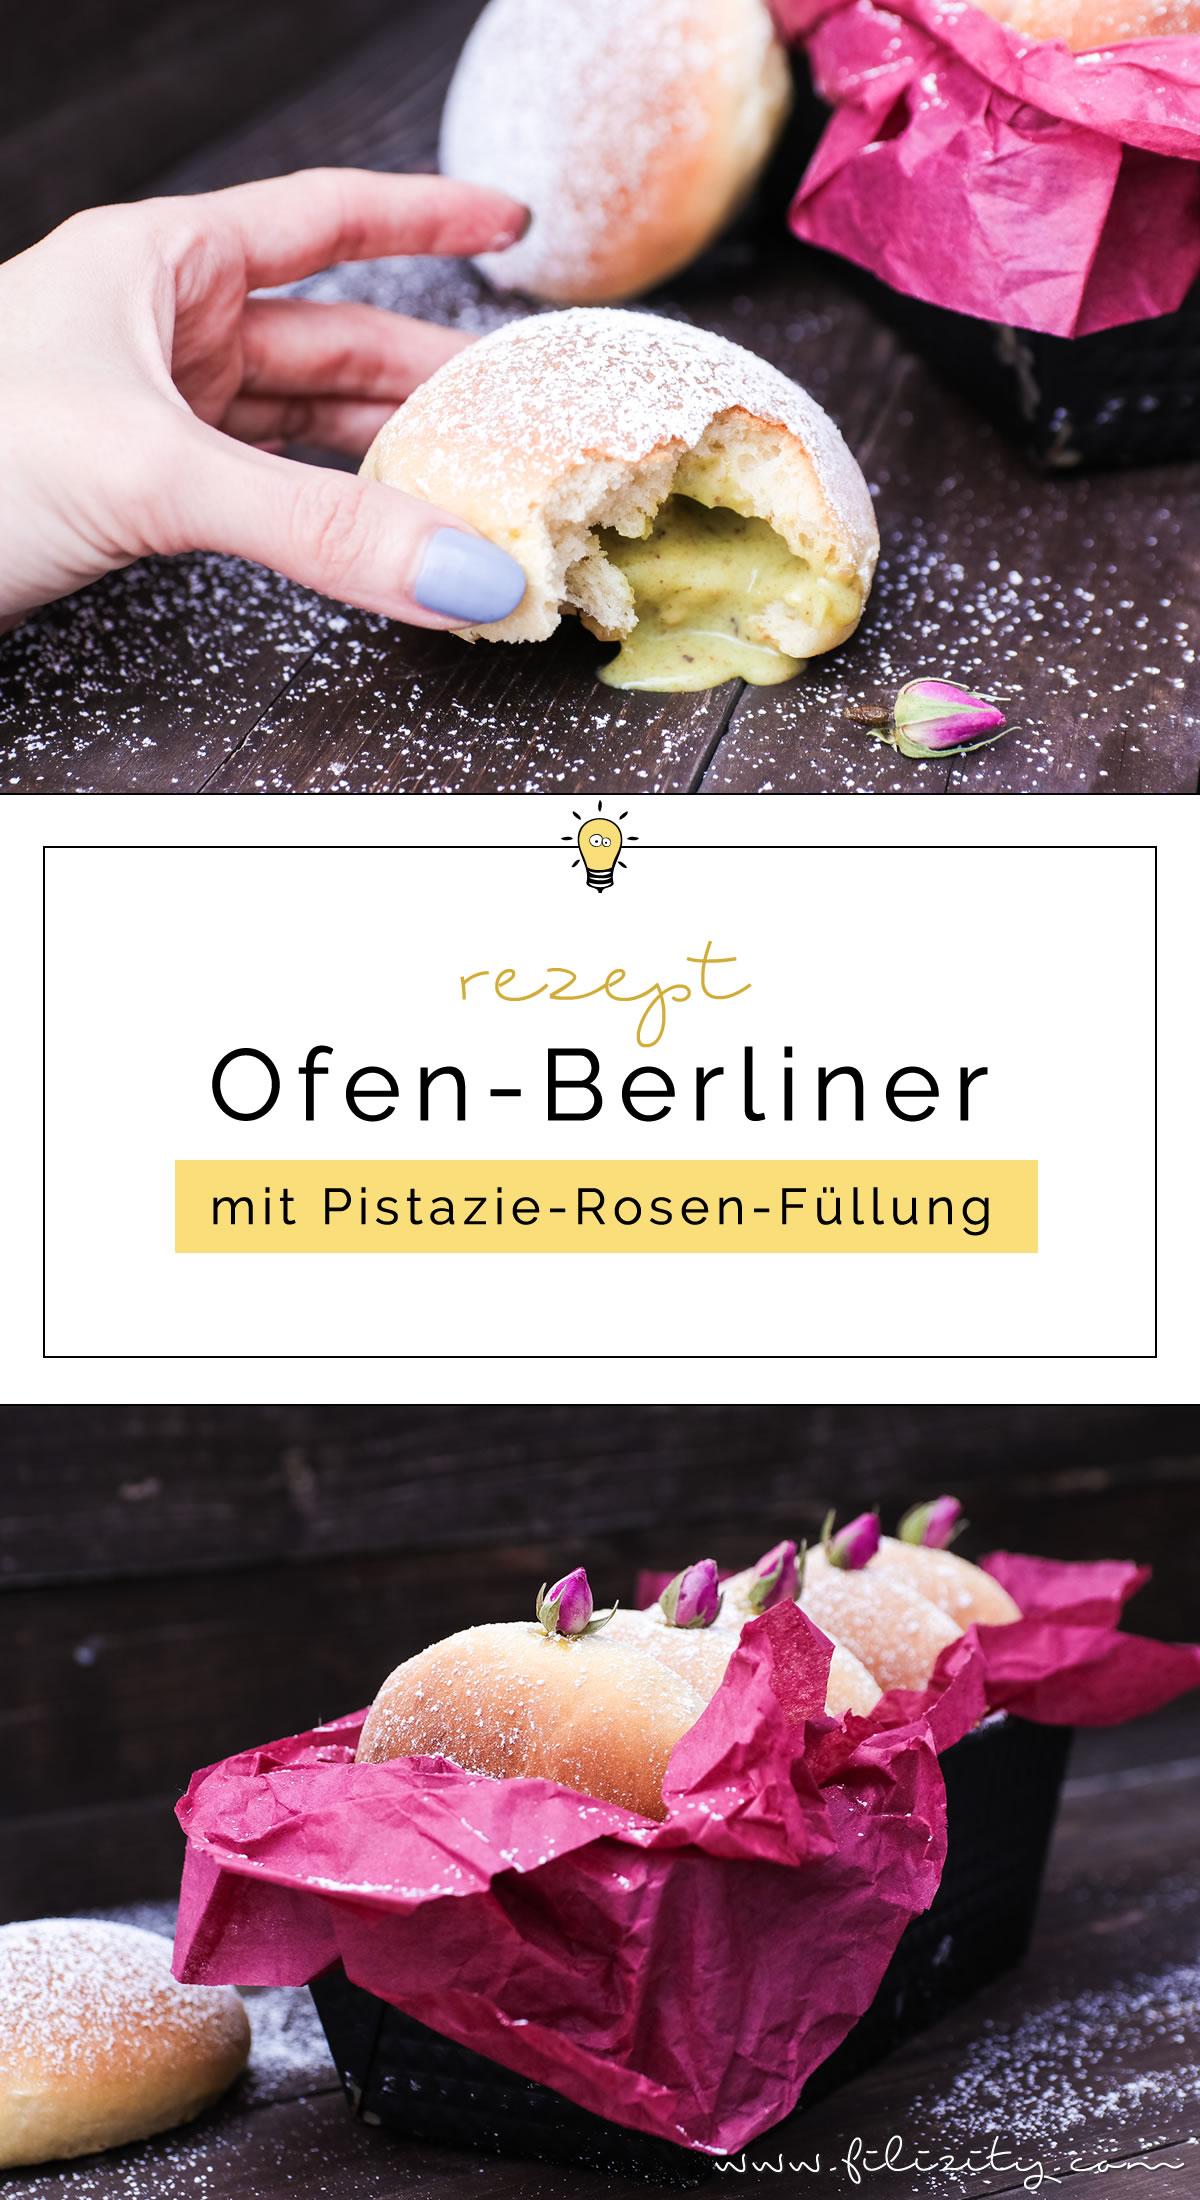 Ofenberliner mit Pistazienfüllung - Leichtes Krapfen-Rezept für die Faschingzeit | Filizity.com | Food-Blog aus dem Rheinland #karneval #fasching #berliner #krapfen #helau #alaaf